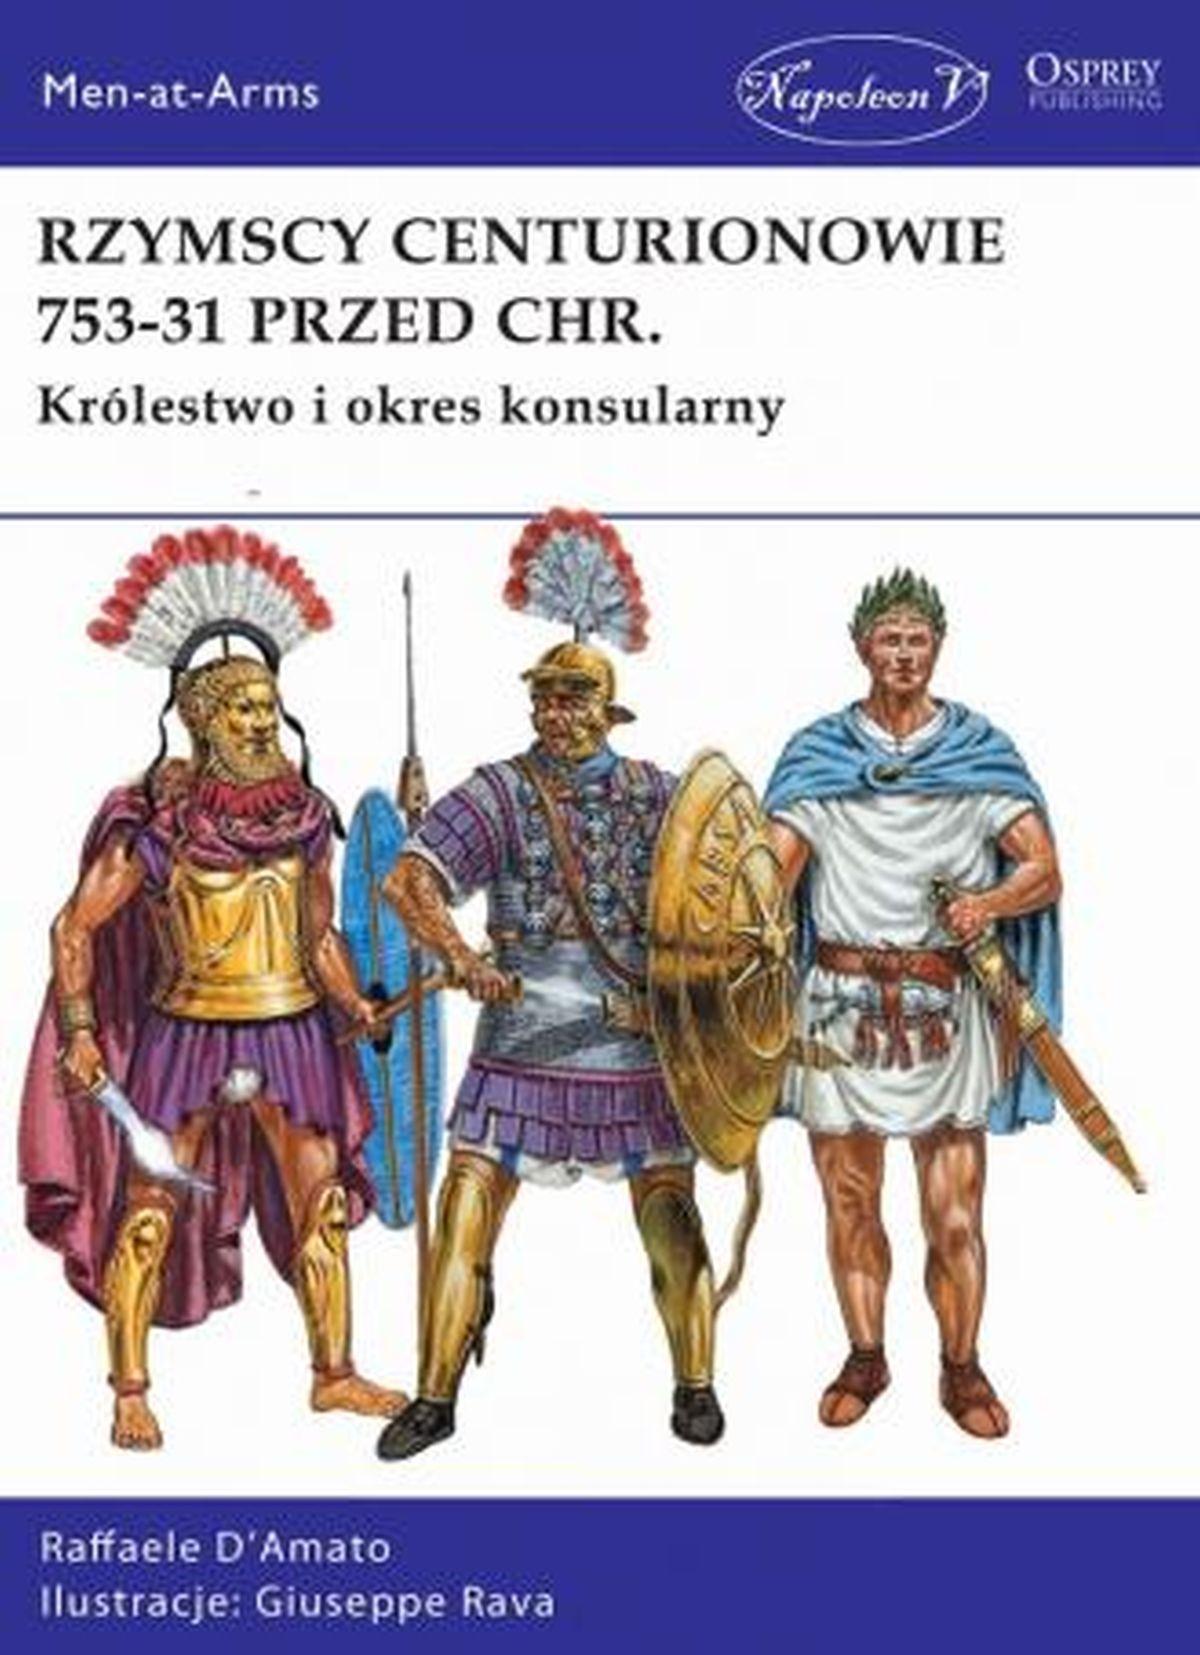 Raffaele D Amato, Rzymscy centurionowie 753-31 przed Chr.